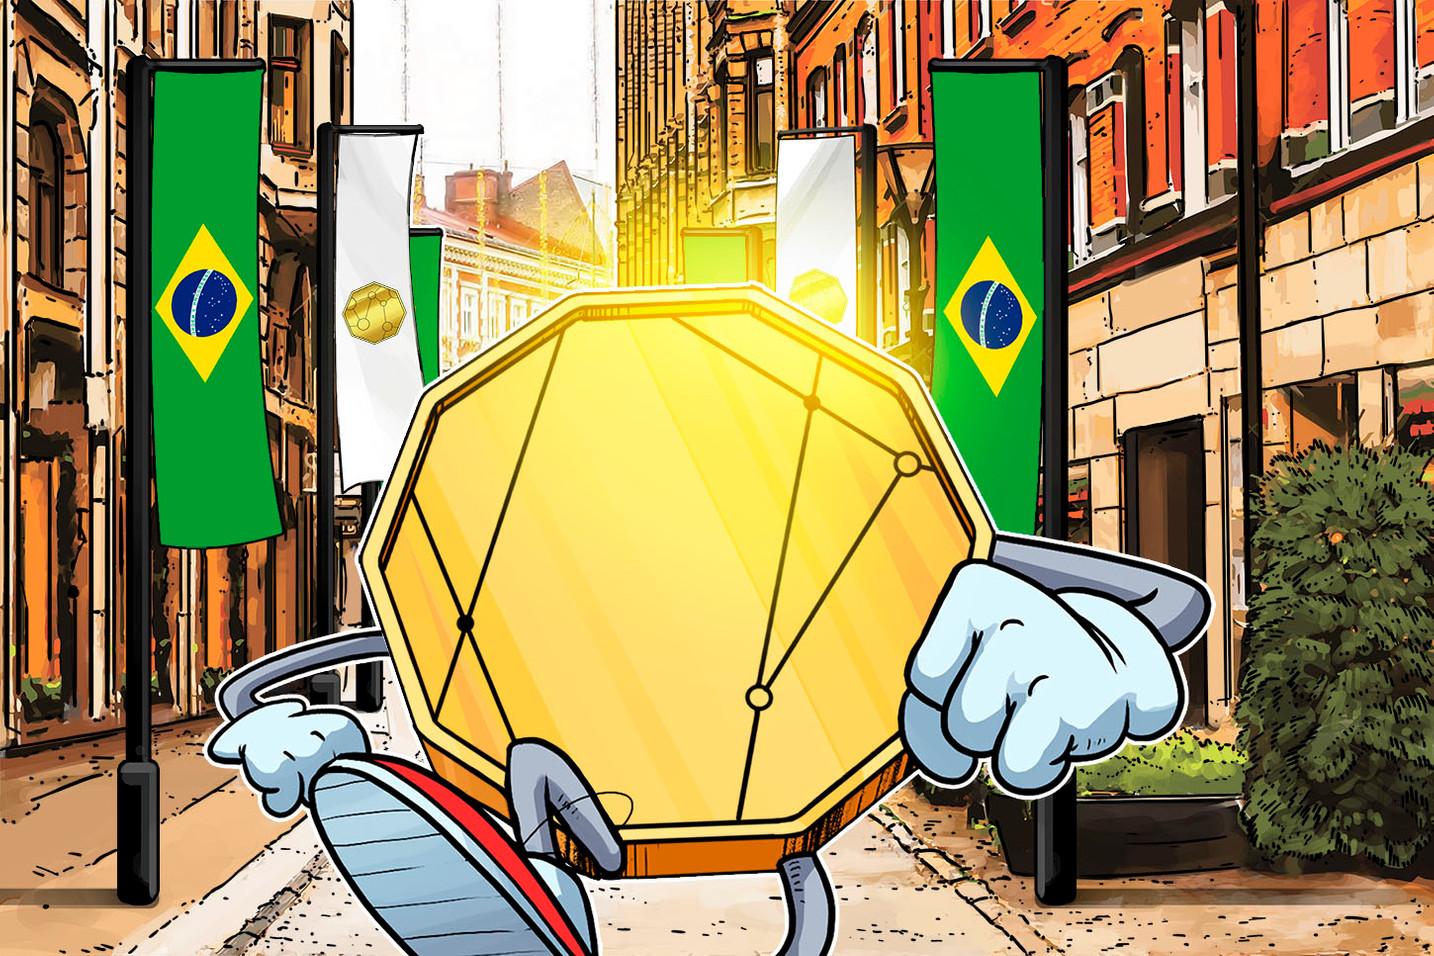 Brasileira Foxbit lista o maior token DeFi do mundo, o UNI, e anuncia o token esportivo CHZ